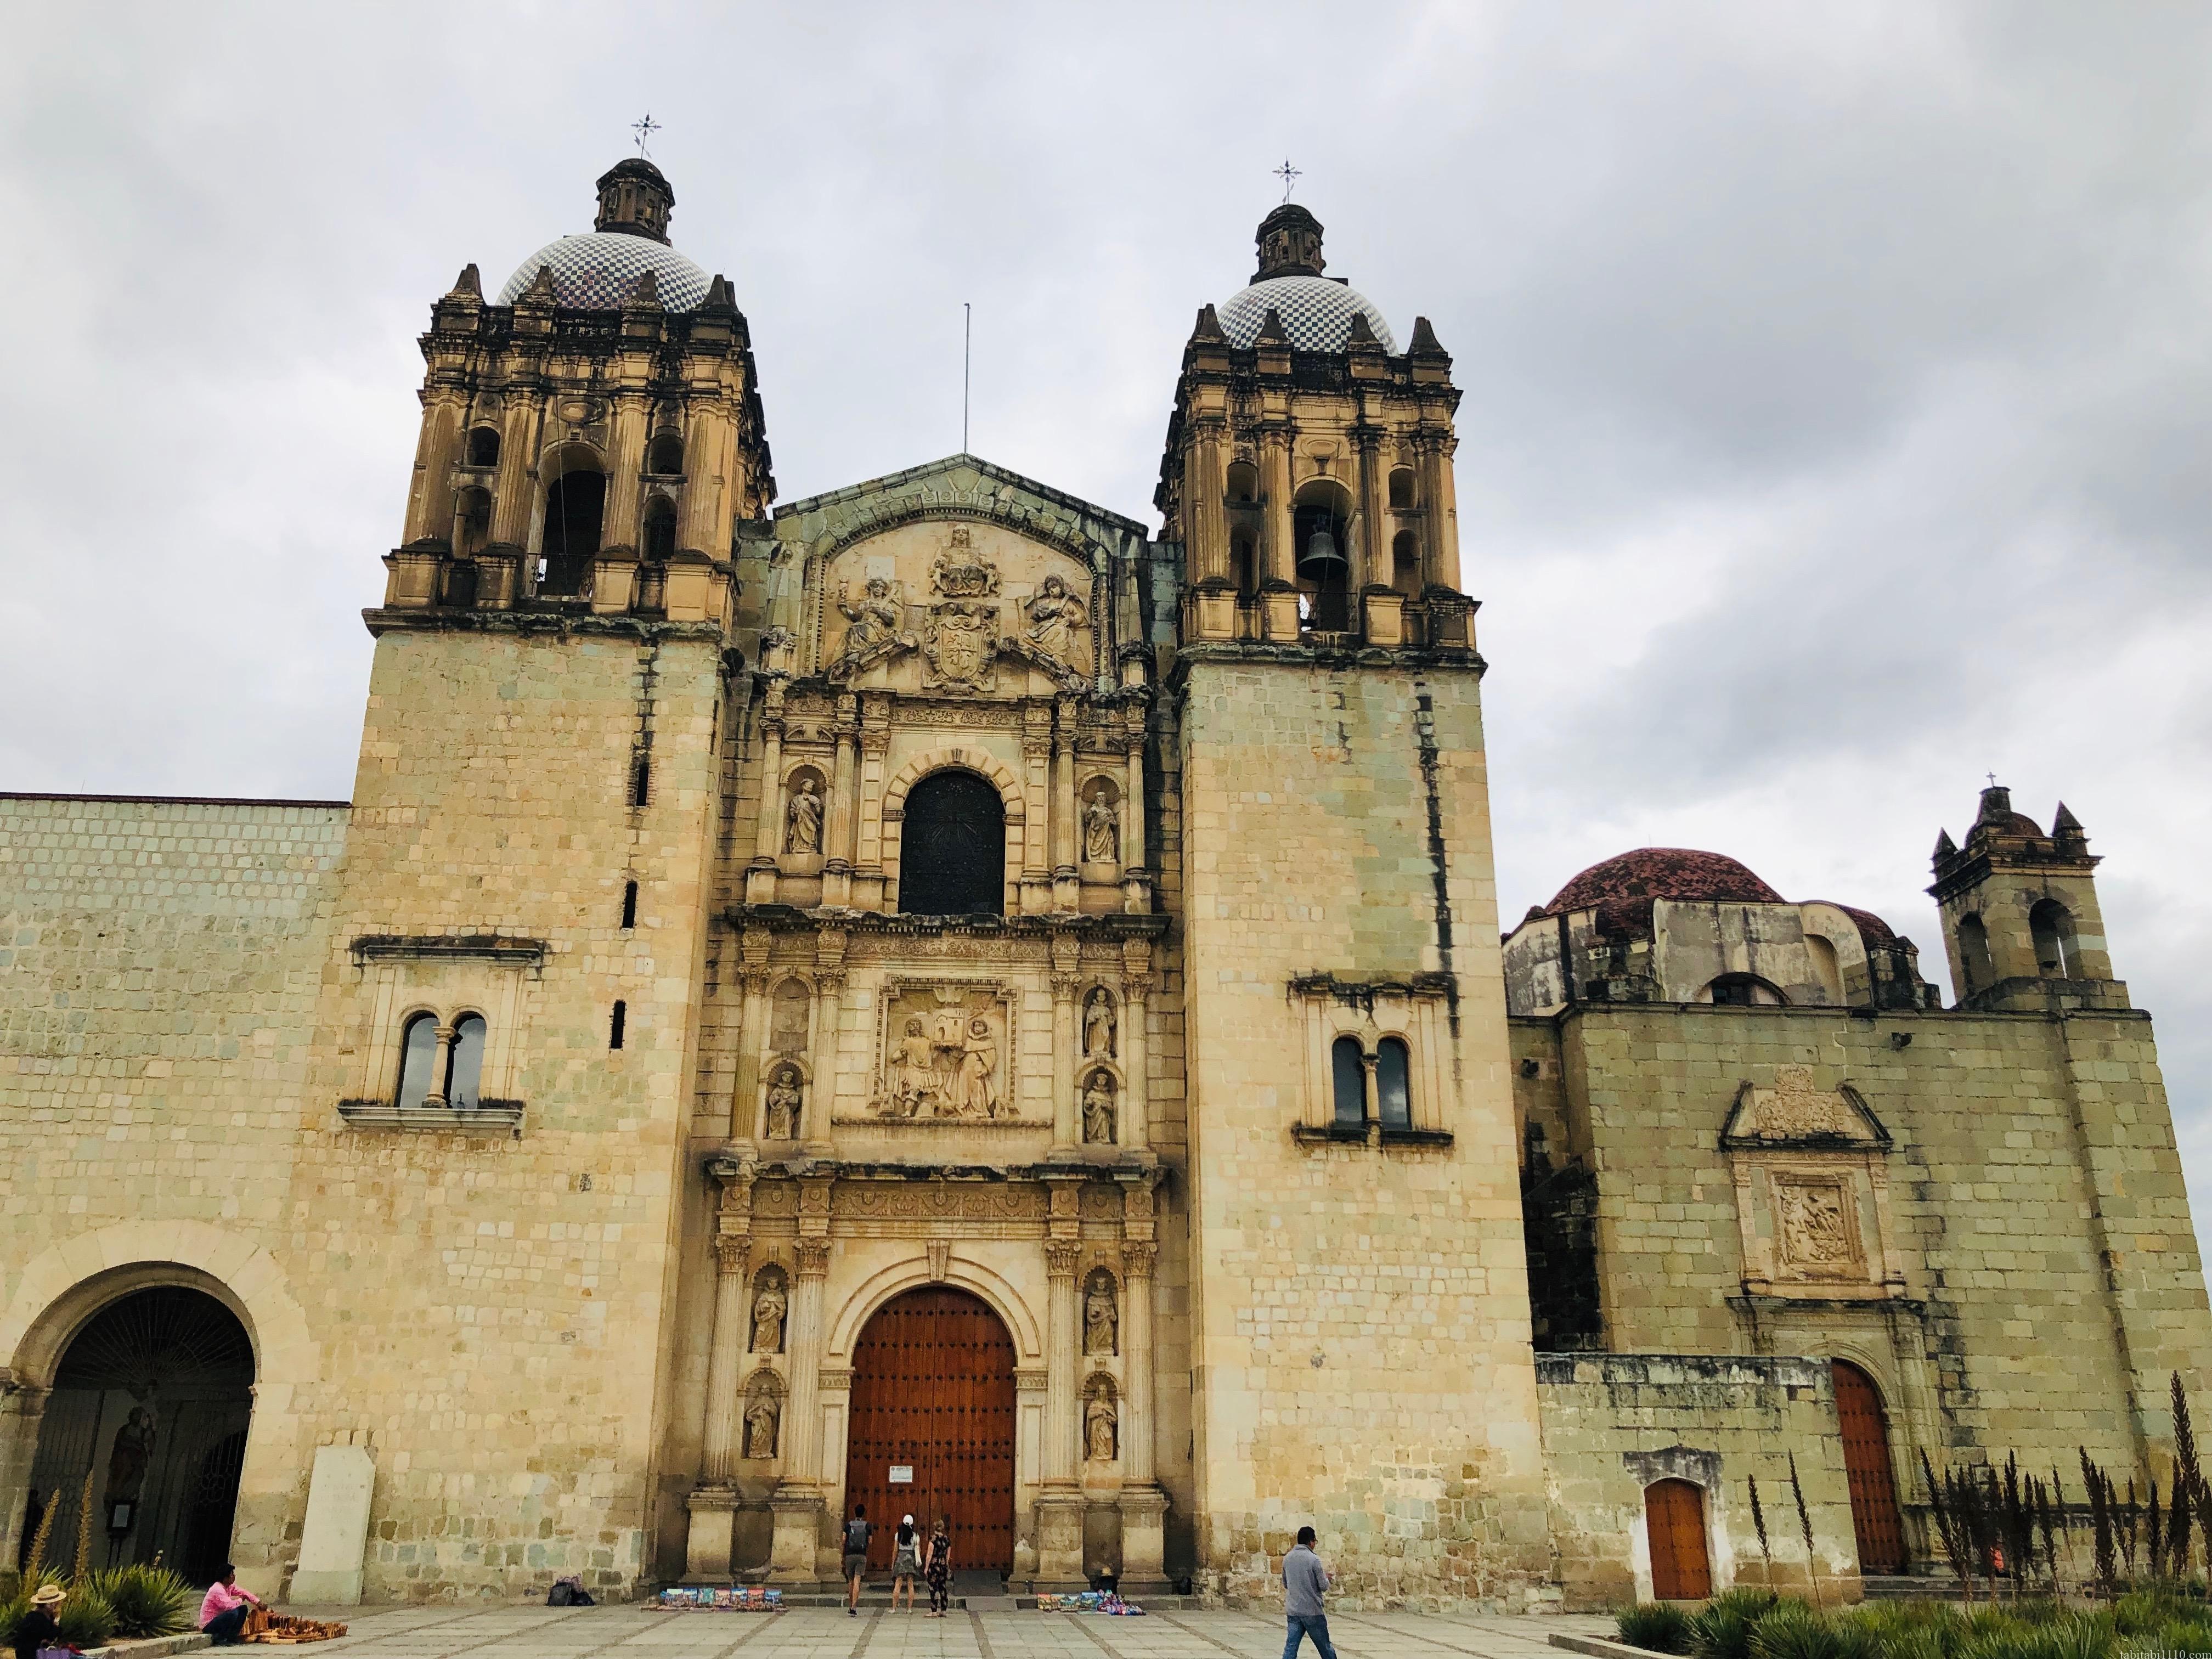 オアハカ|サントドミンゴ教会